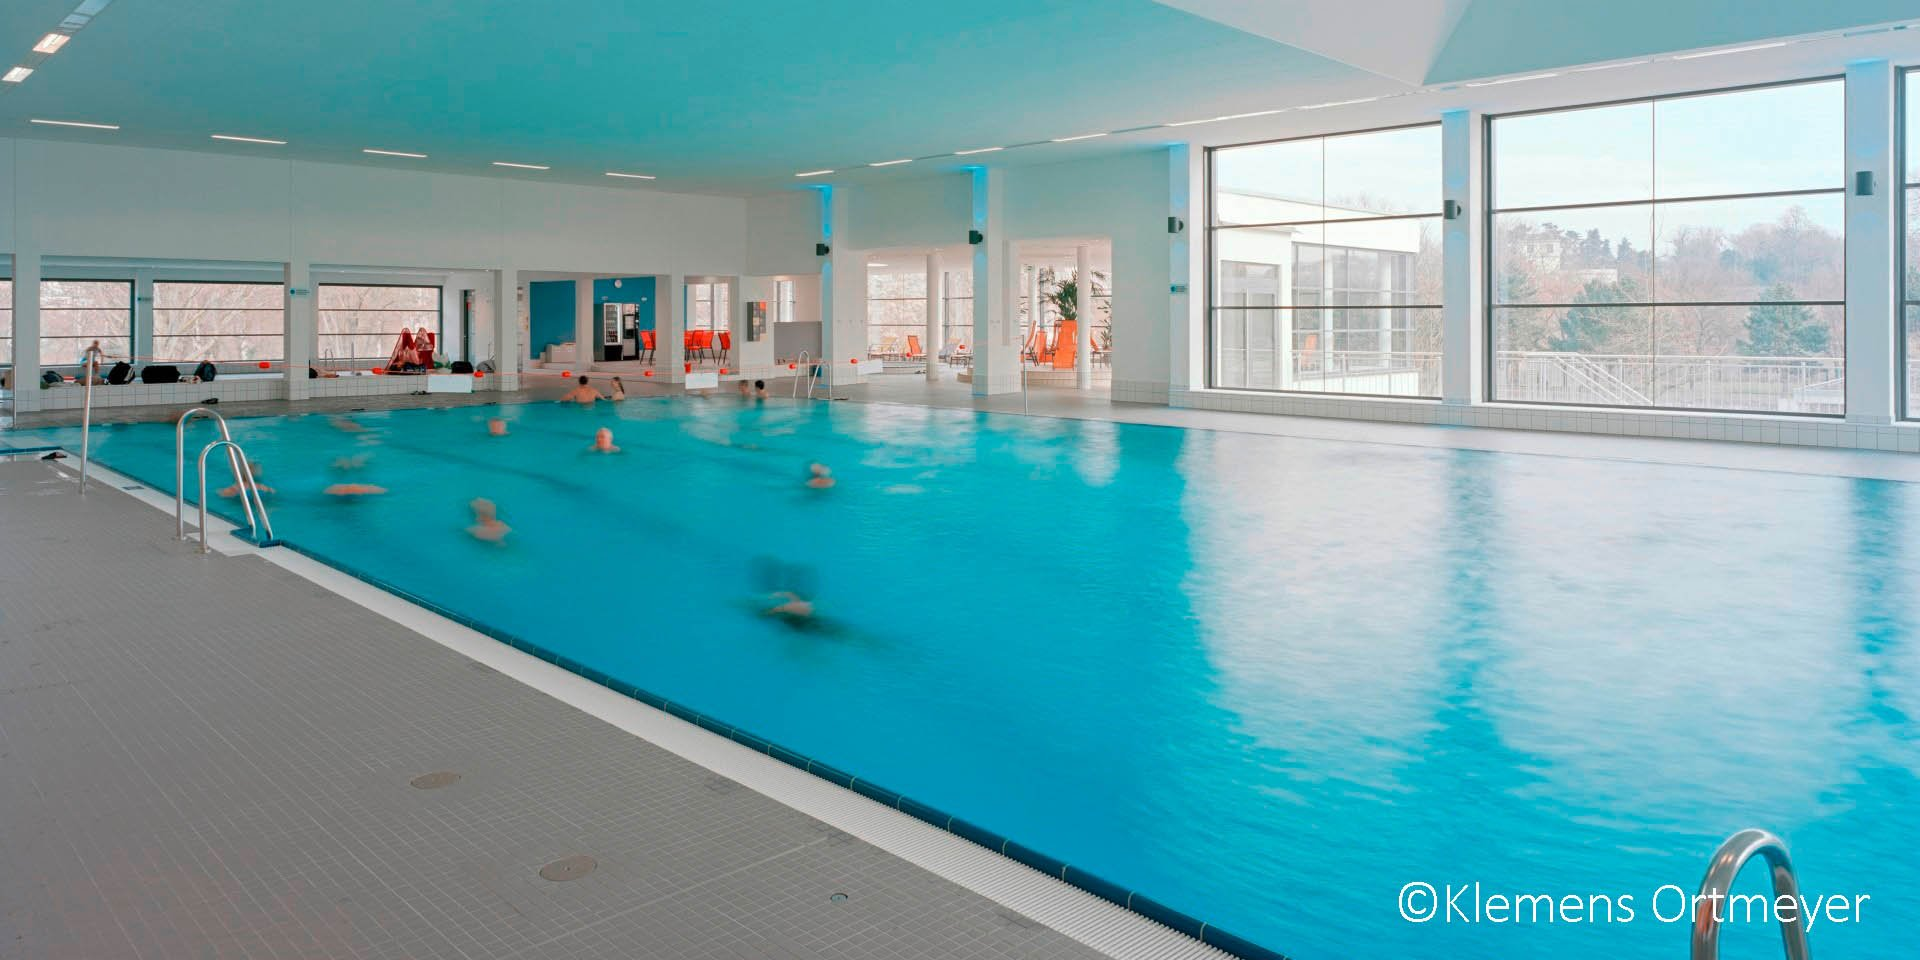 aschaffenburg hallenbad steuler schwimmbadbau. Black Bedroom Furniture Sets. Home Design Ideas